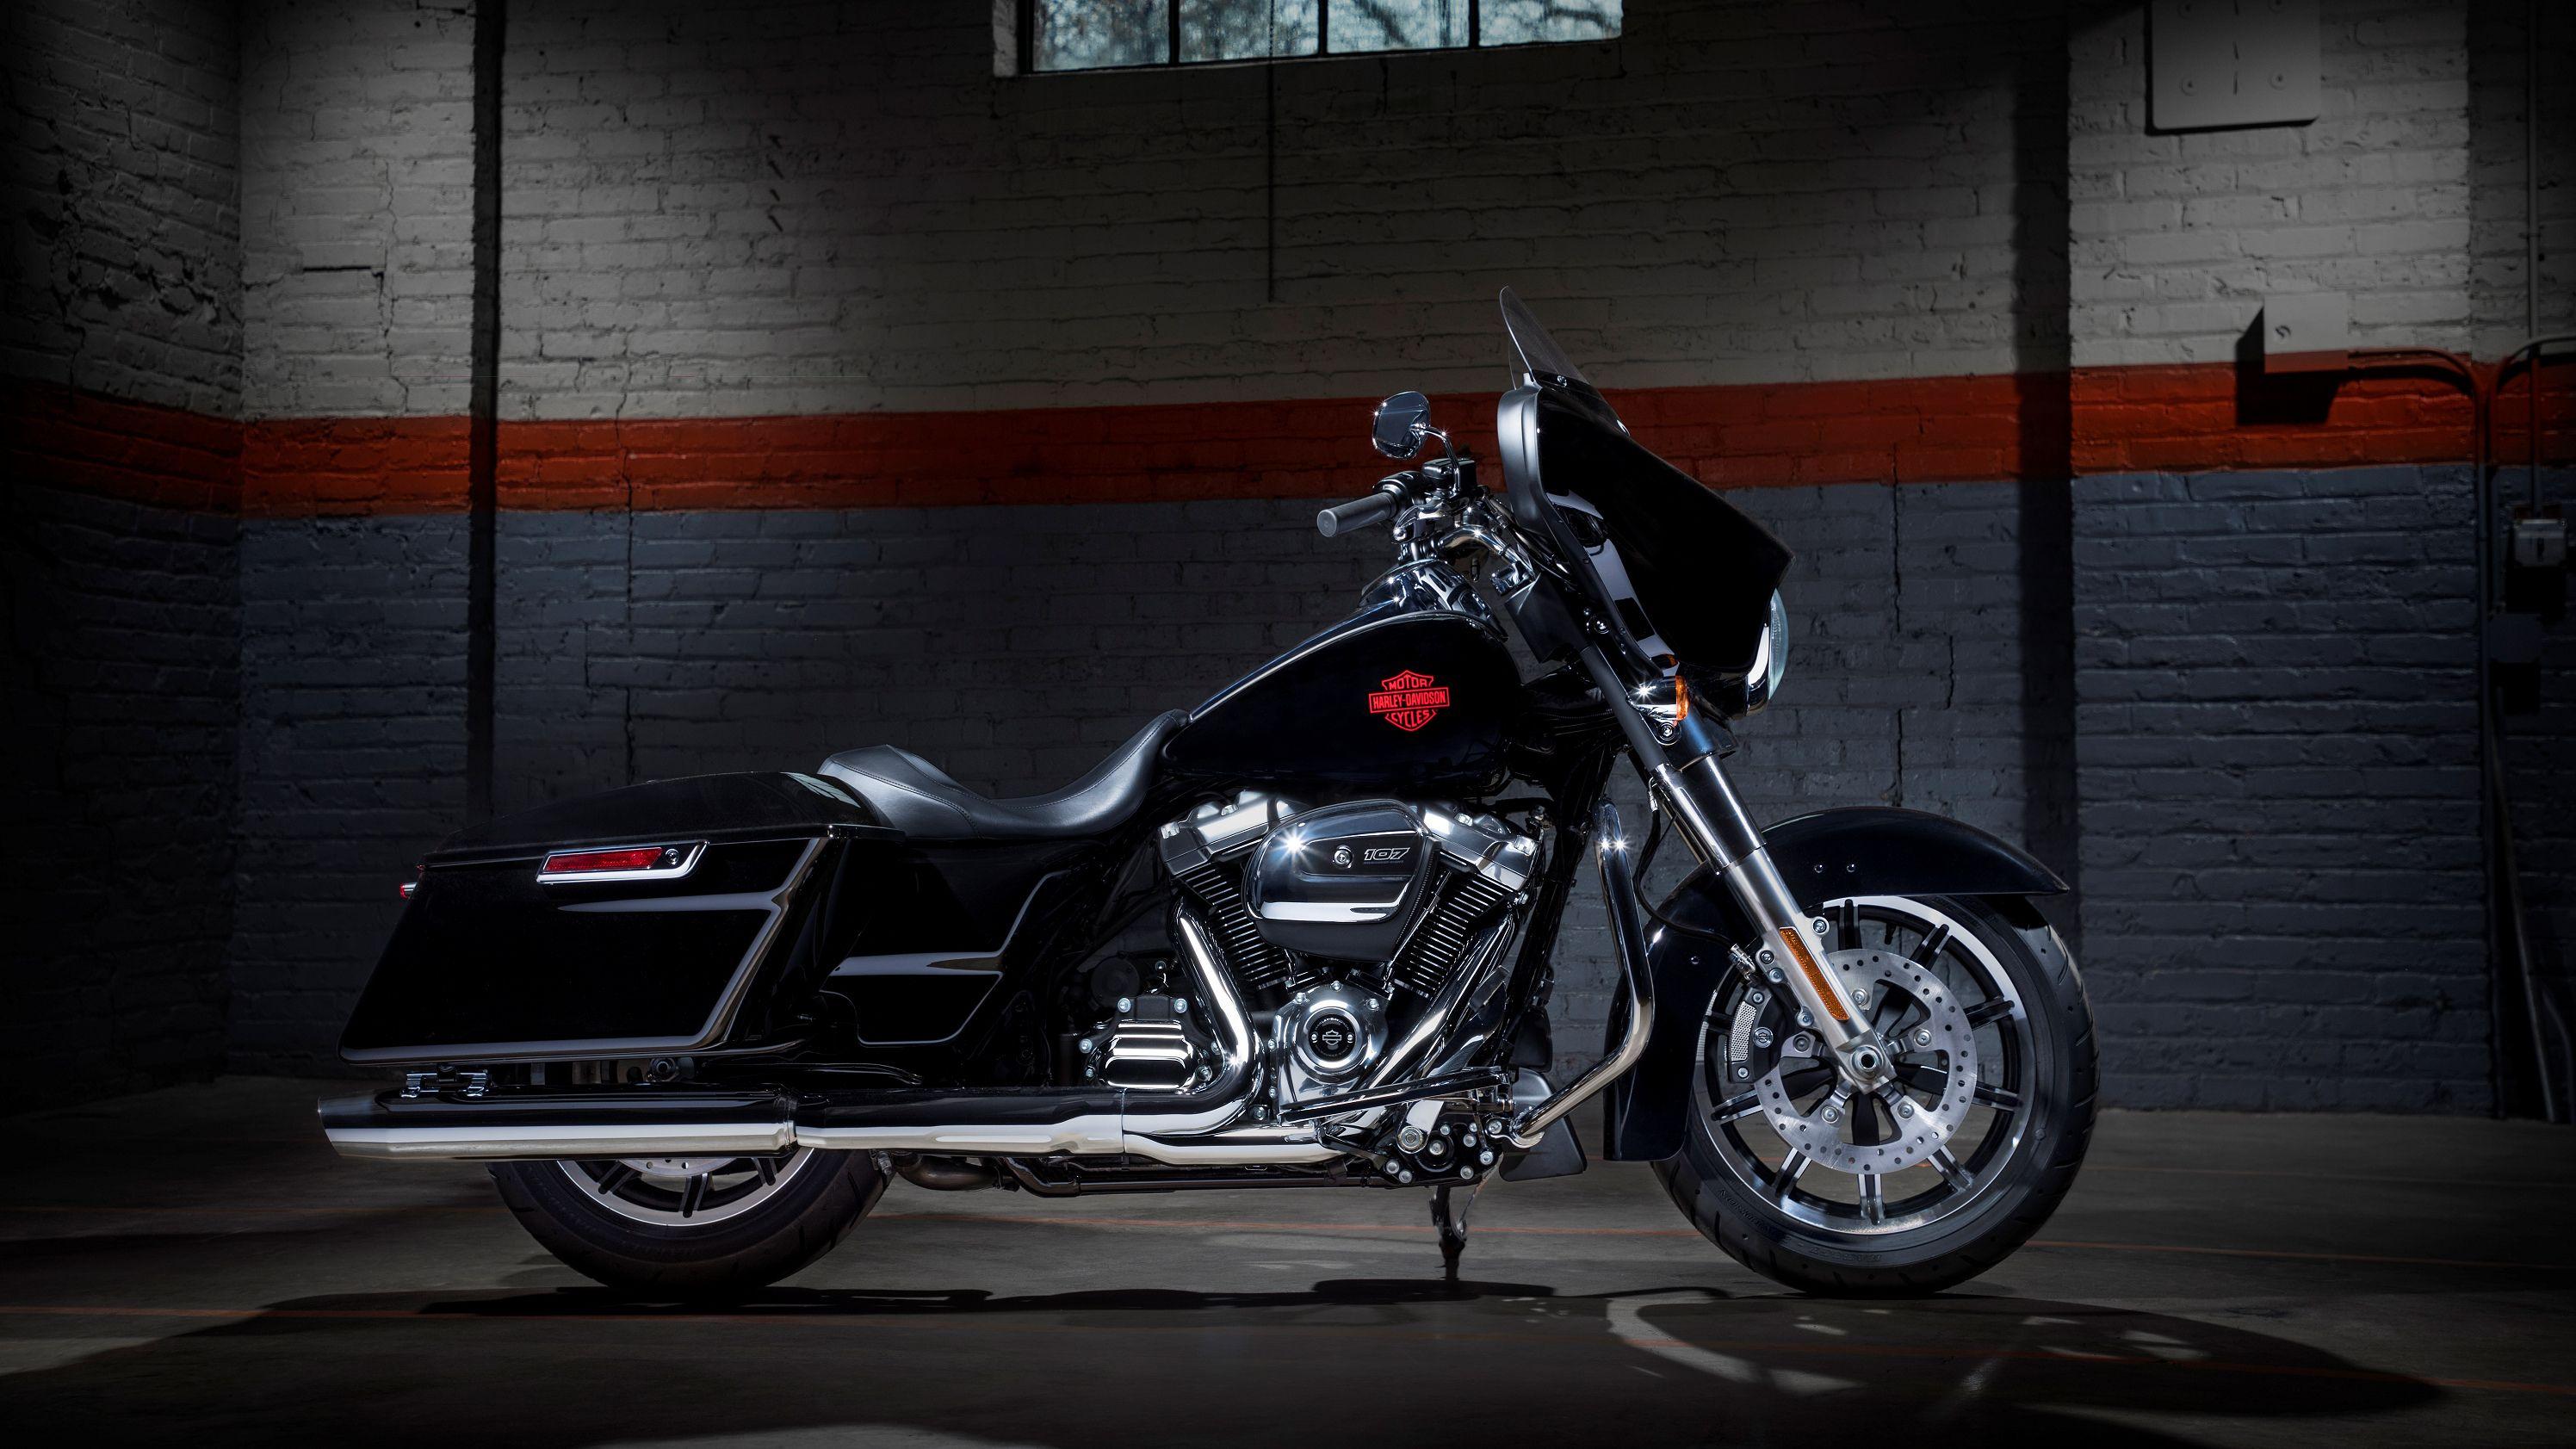 2019 Harley Davidson Electra Glide Standard Top Speed Electra Glide Standard Harley Davidson Electra Glide Harley Davidson